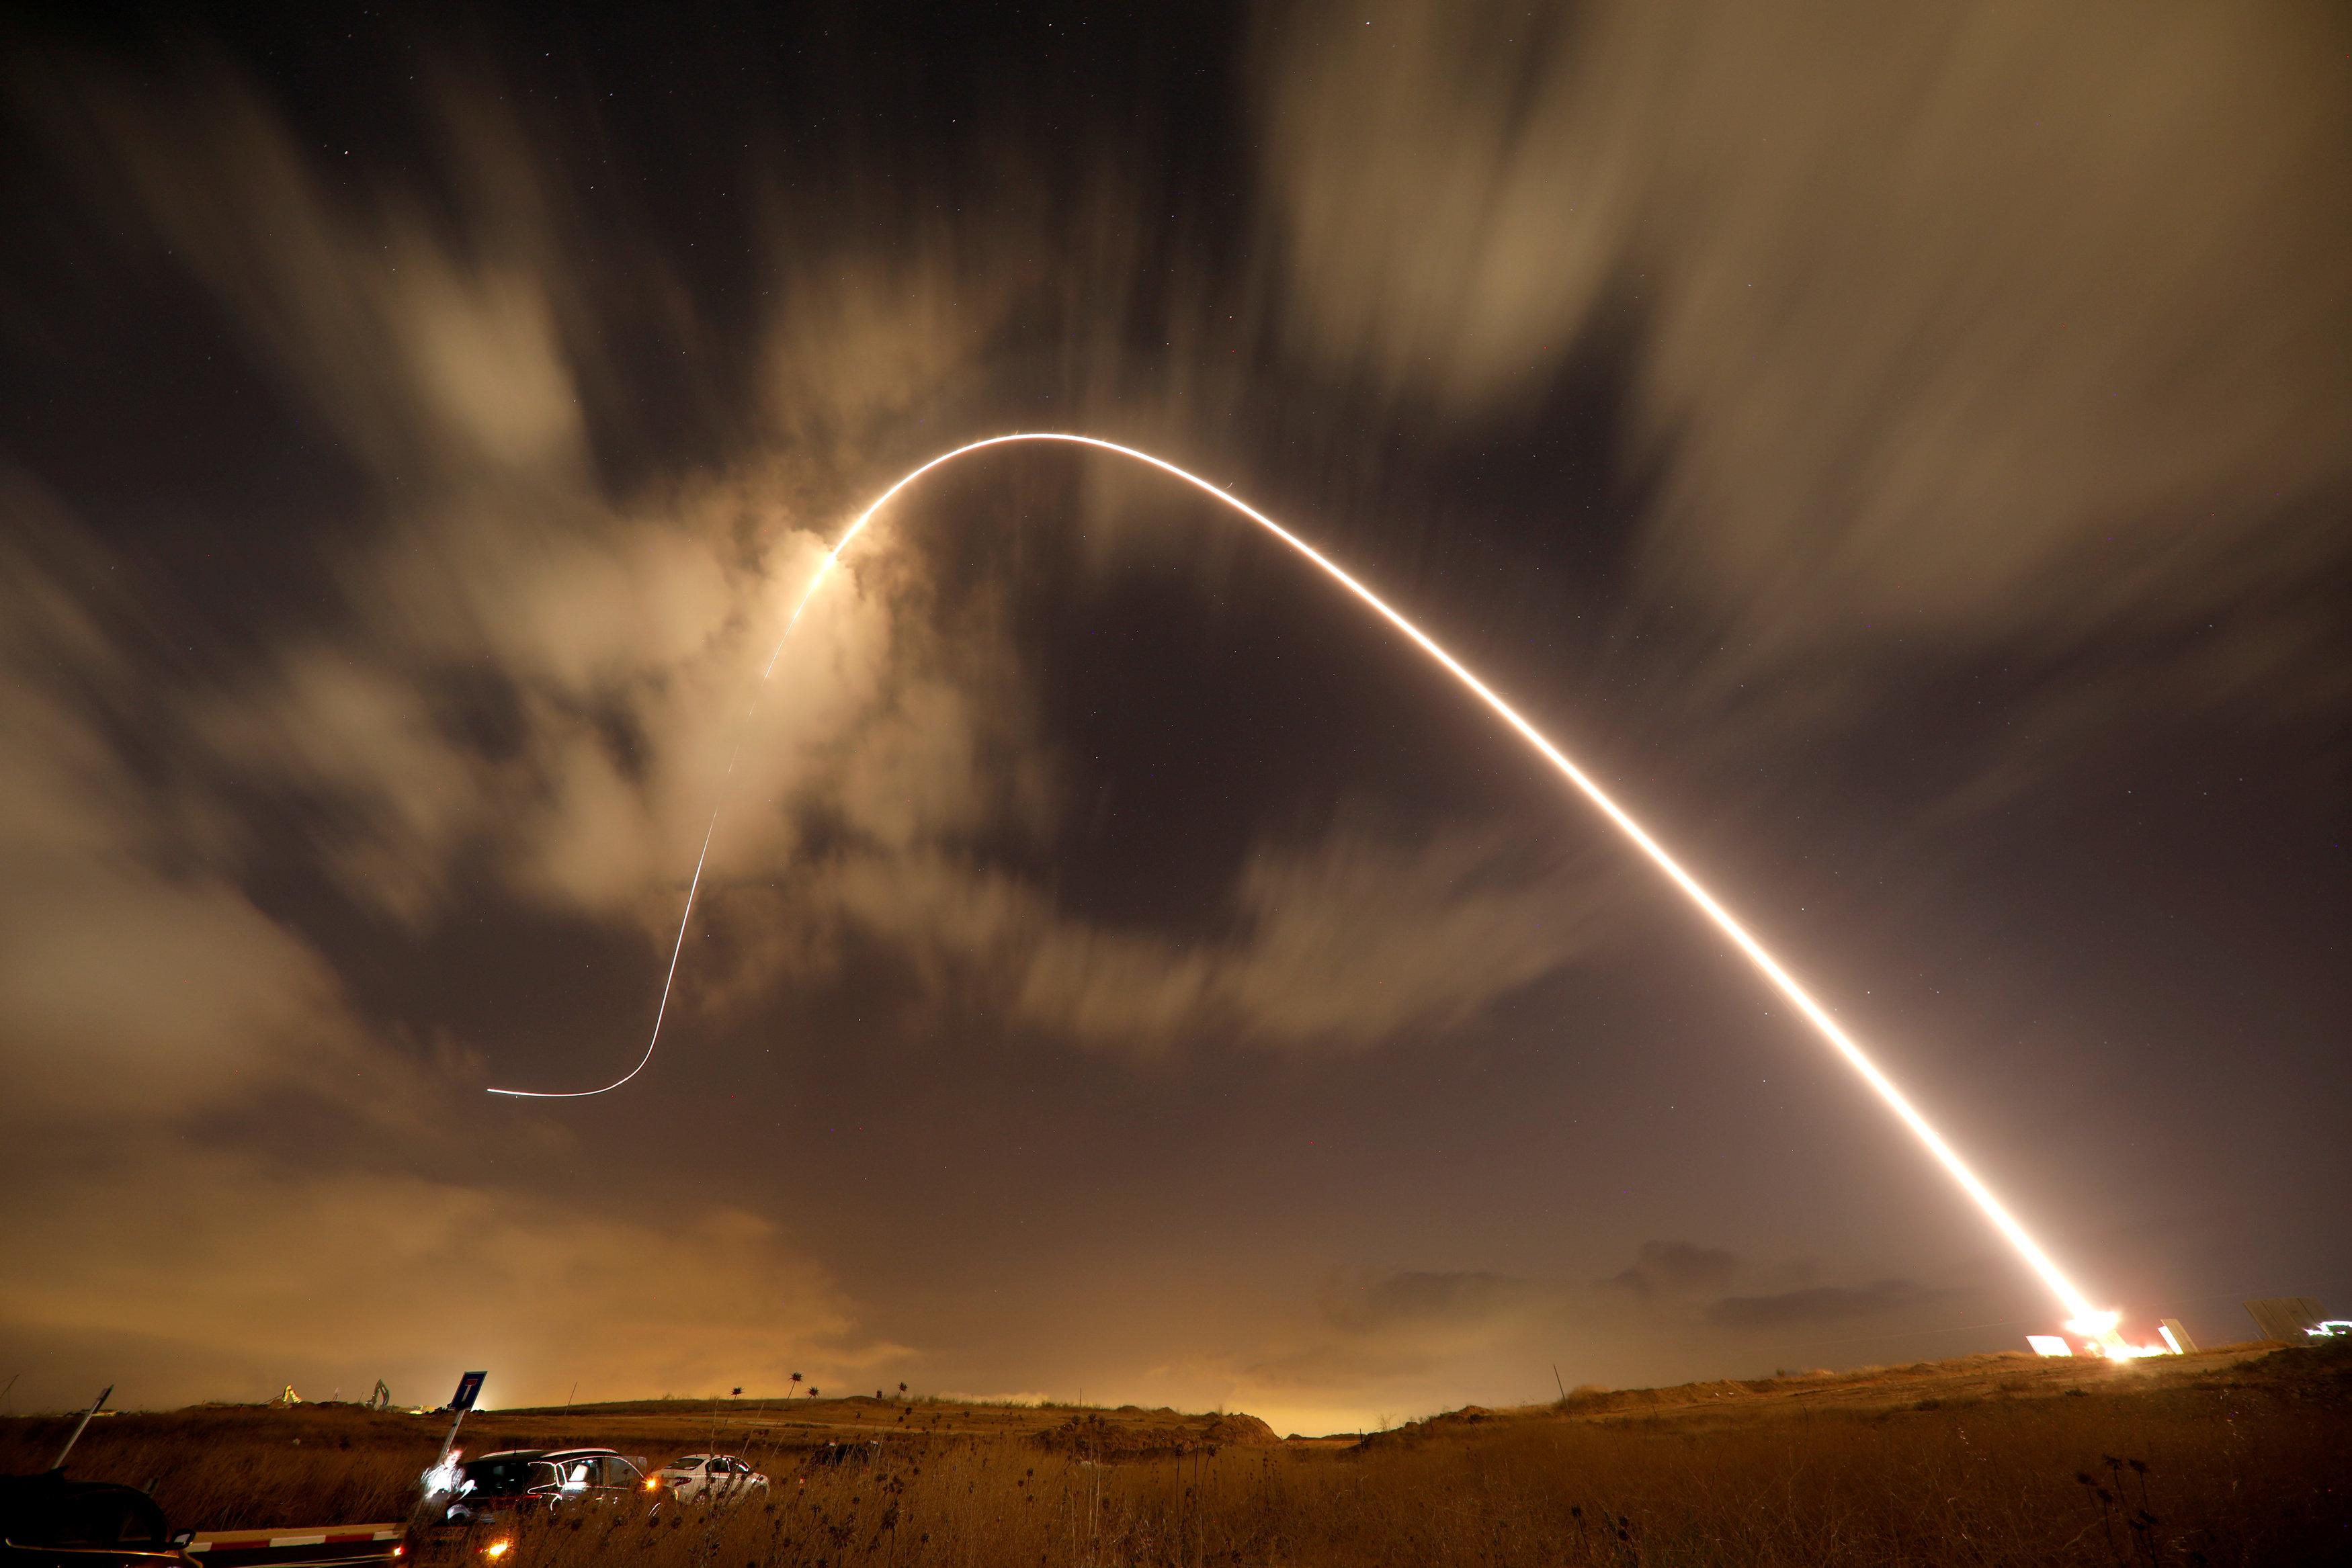 El sistema antimisiles israelí, conocido como Escudo de Acero, intercepta un misil lanzado desde Gaza sobre los cielos de Sderot (Reuters)